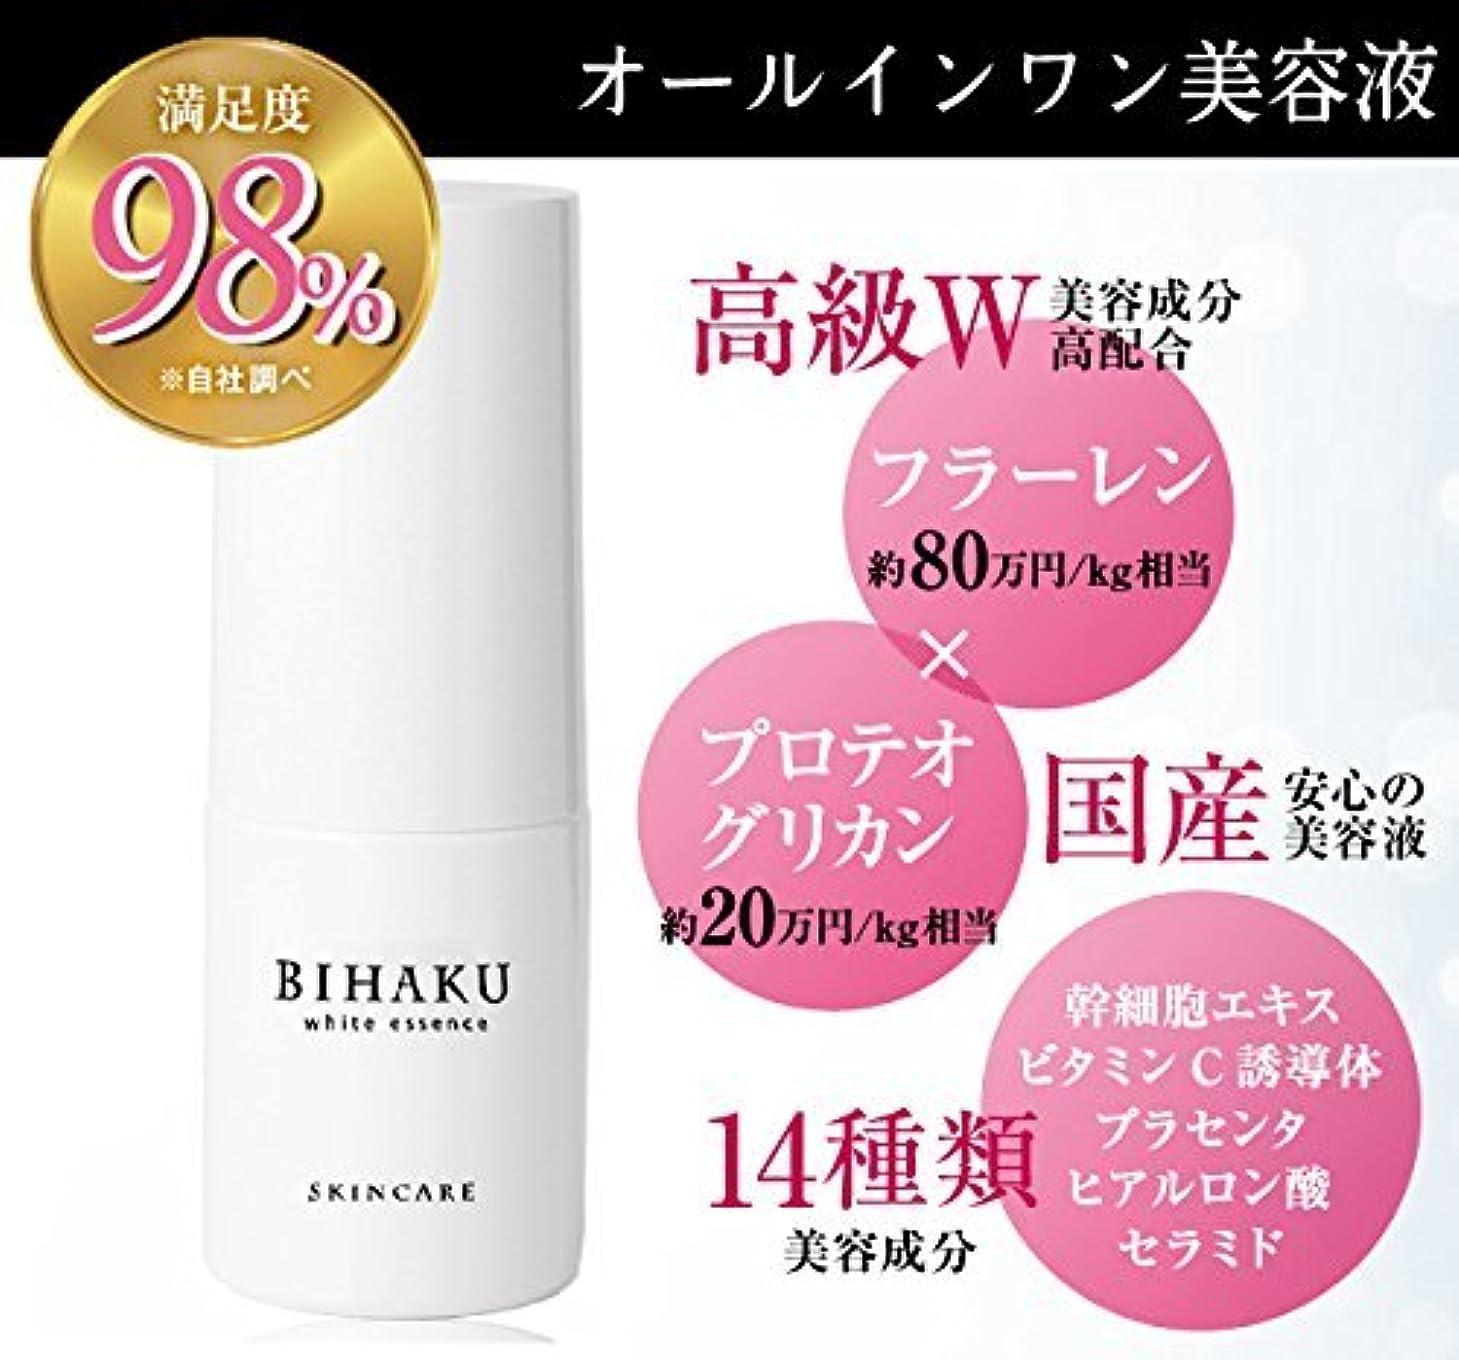 置くためにパック取得する石膏-BIHAKU- オールインワン美容液